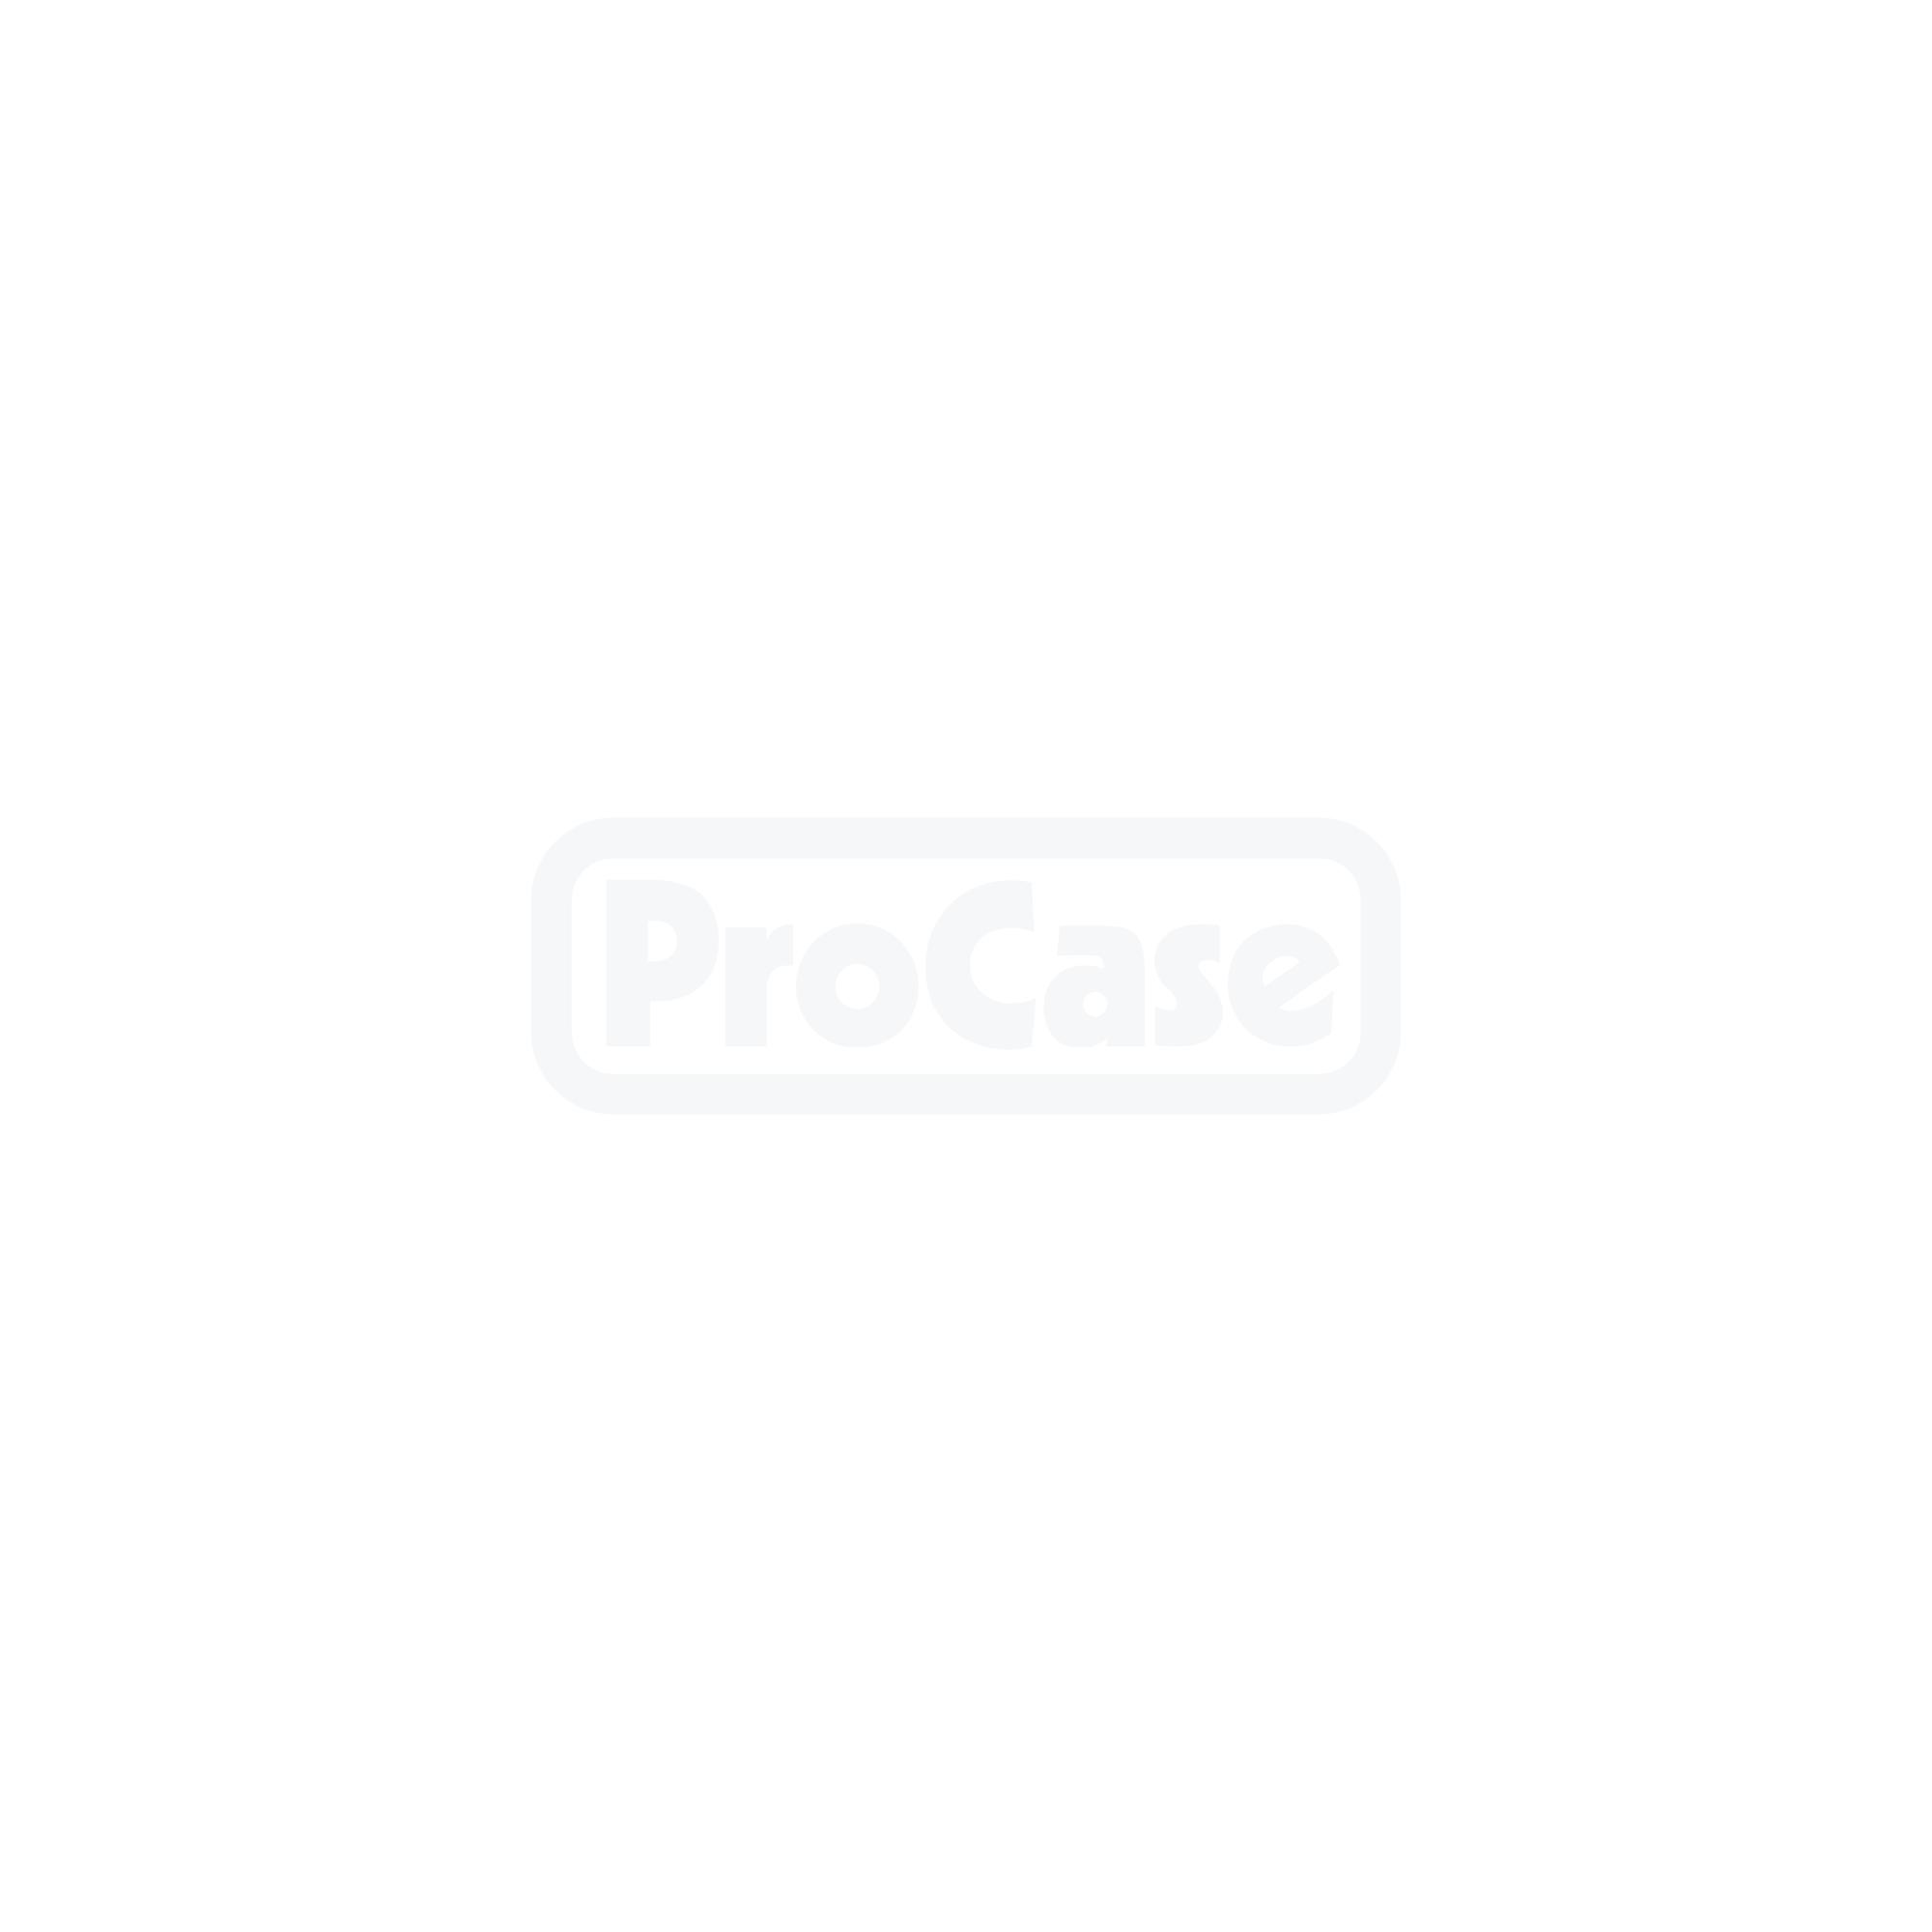 Flightcase für 4 ARRI True Blue ST1 mit TV Zapfen 2